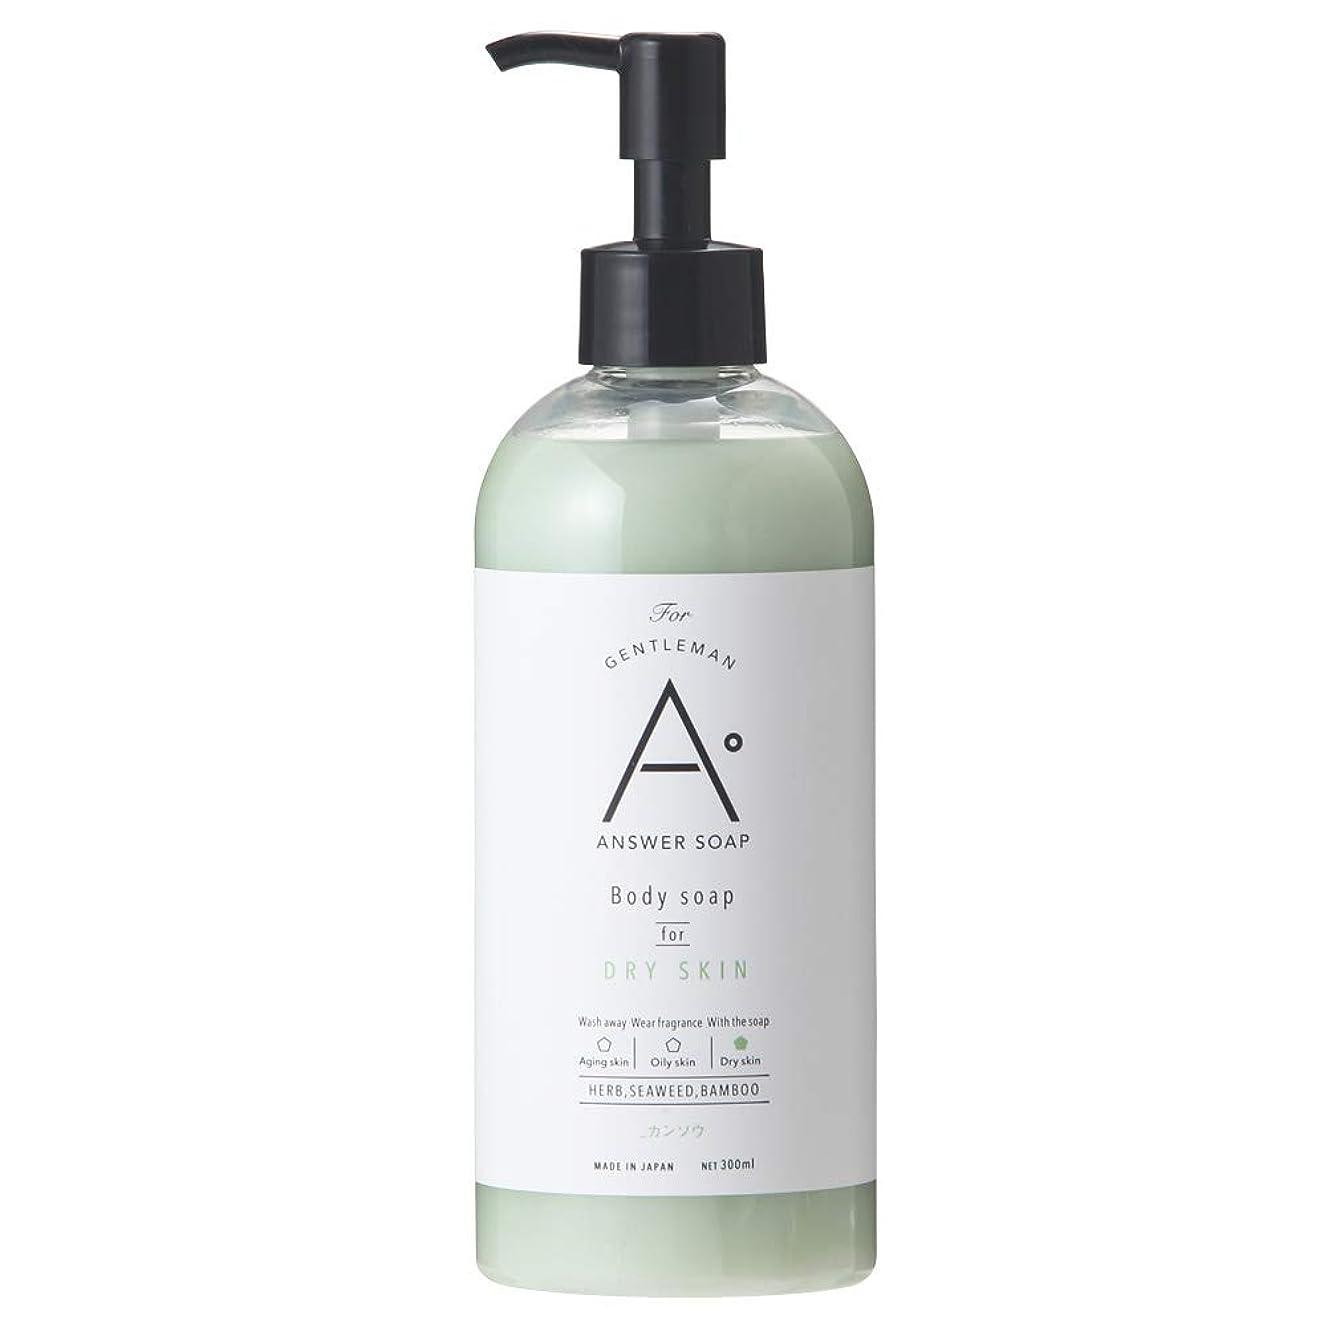 パネル高揚した第四ANSWER SOAP(アンサーソープ)ボディソープ カンソウ 300mL